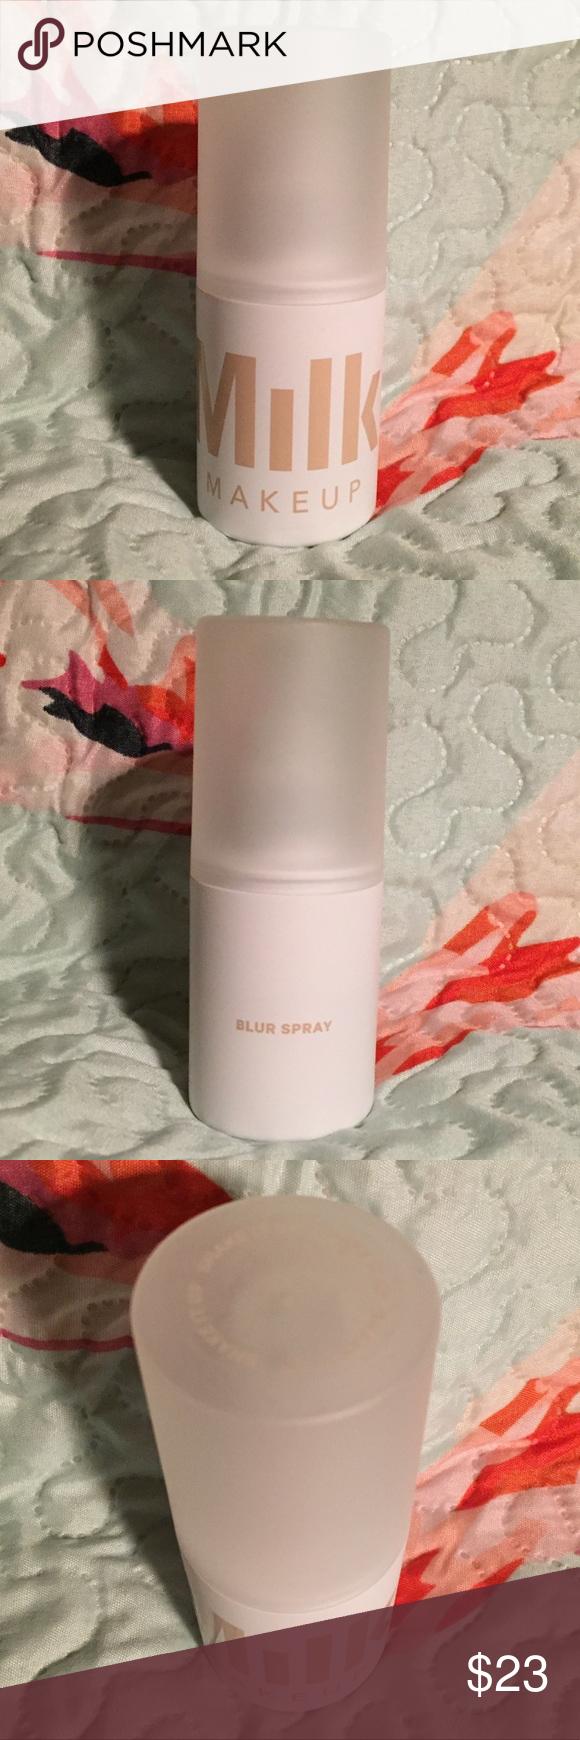 New Milk Makeup Blur Setting Spray Milk makeup, Setting